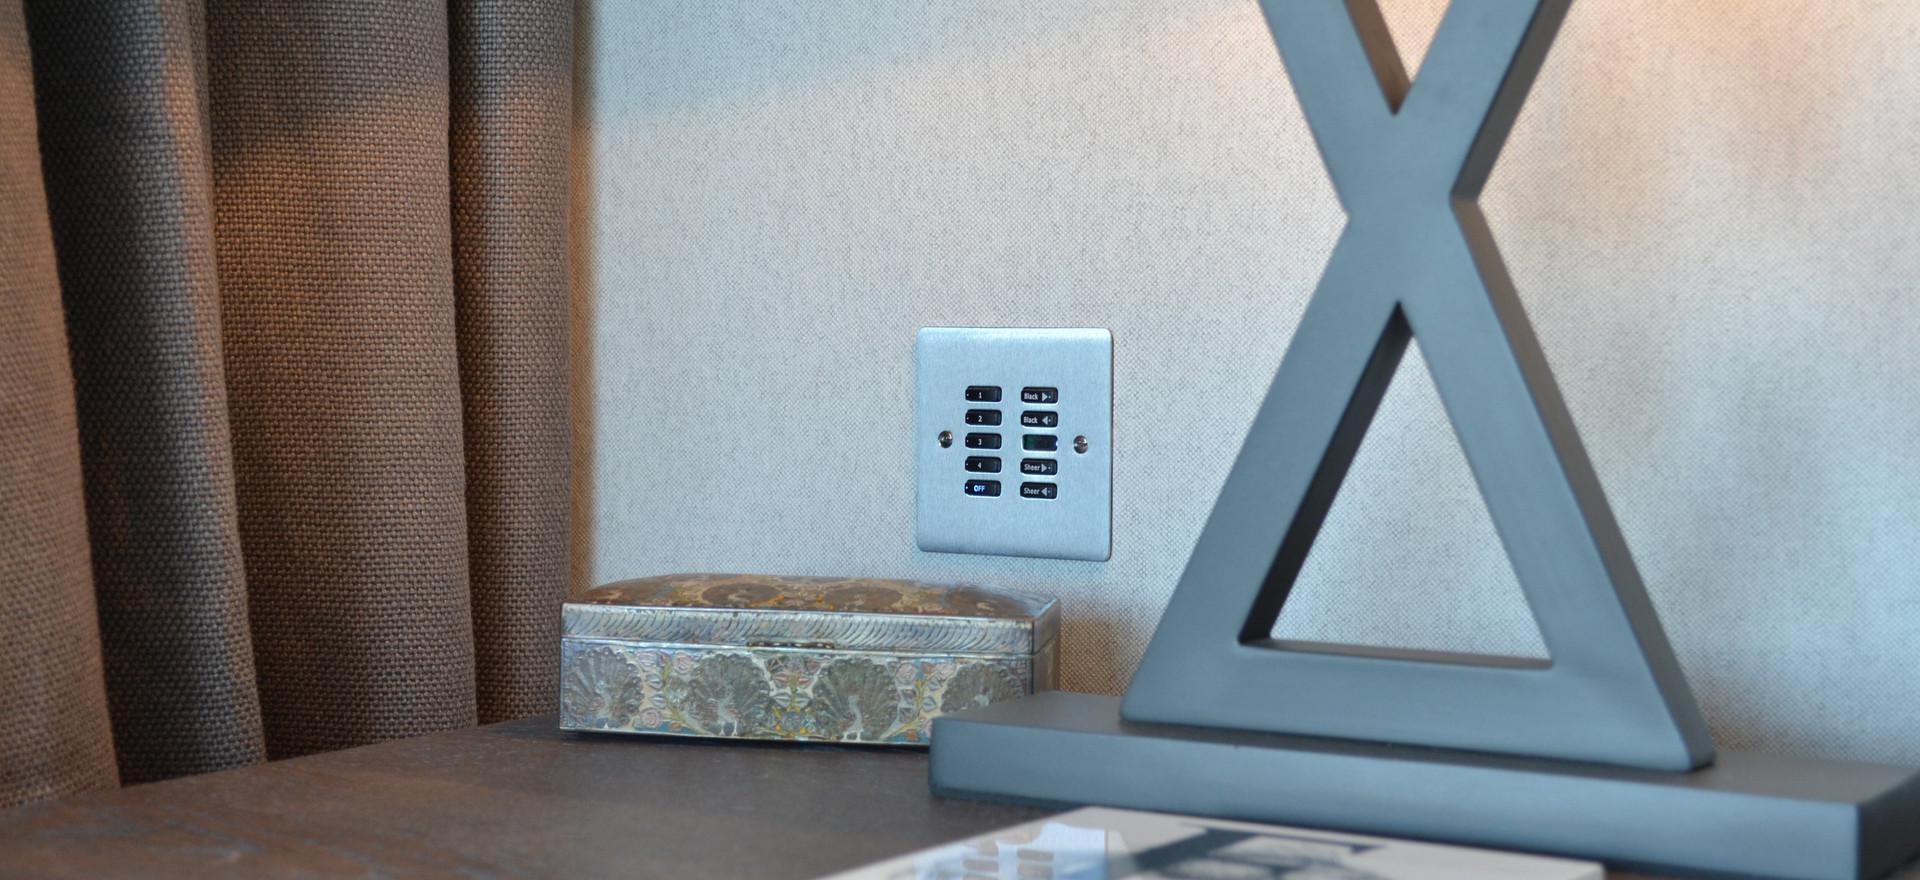 Lighting Keypad